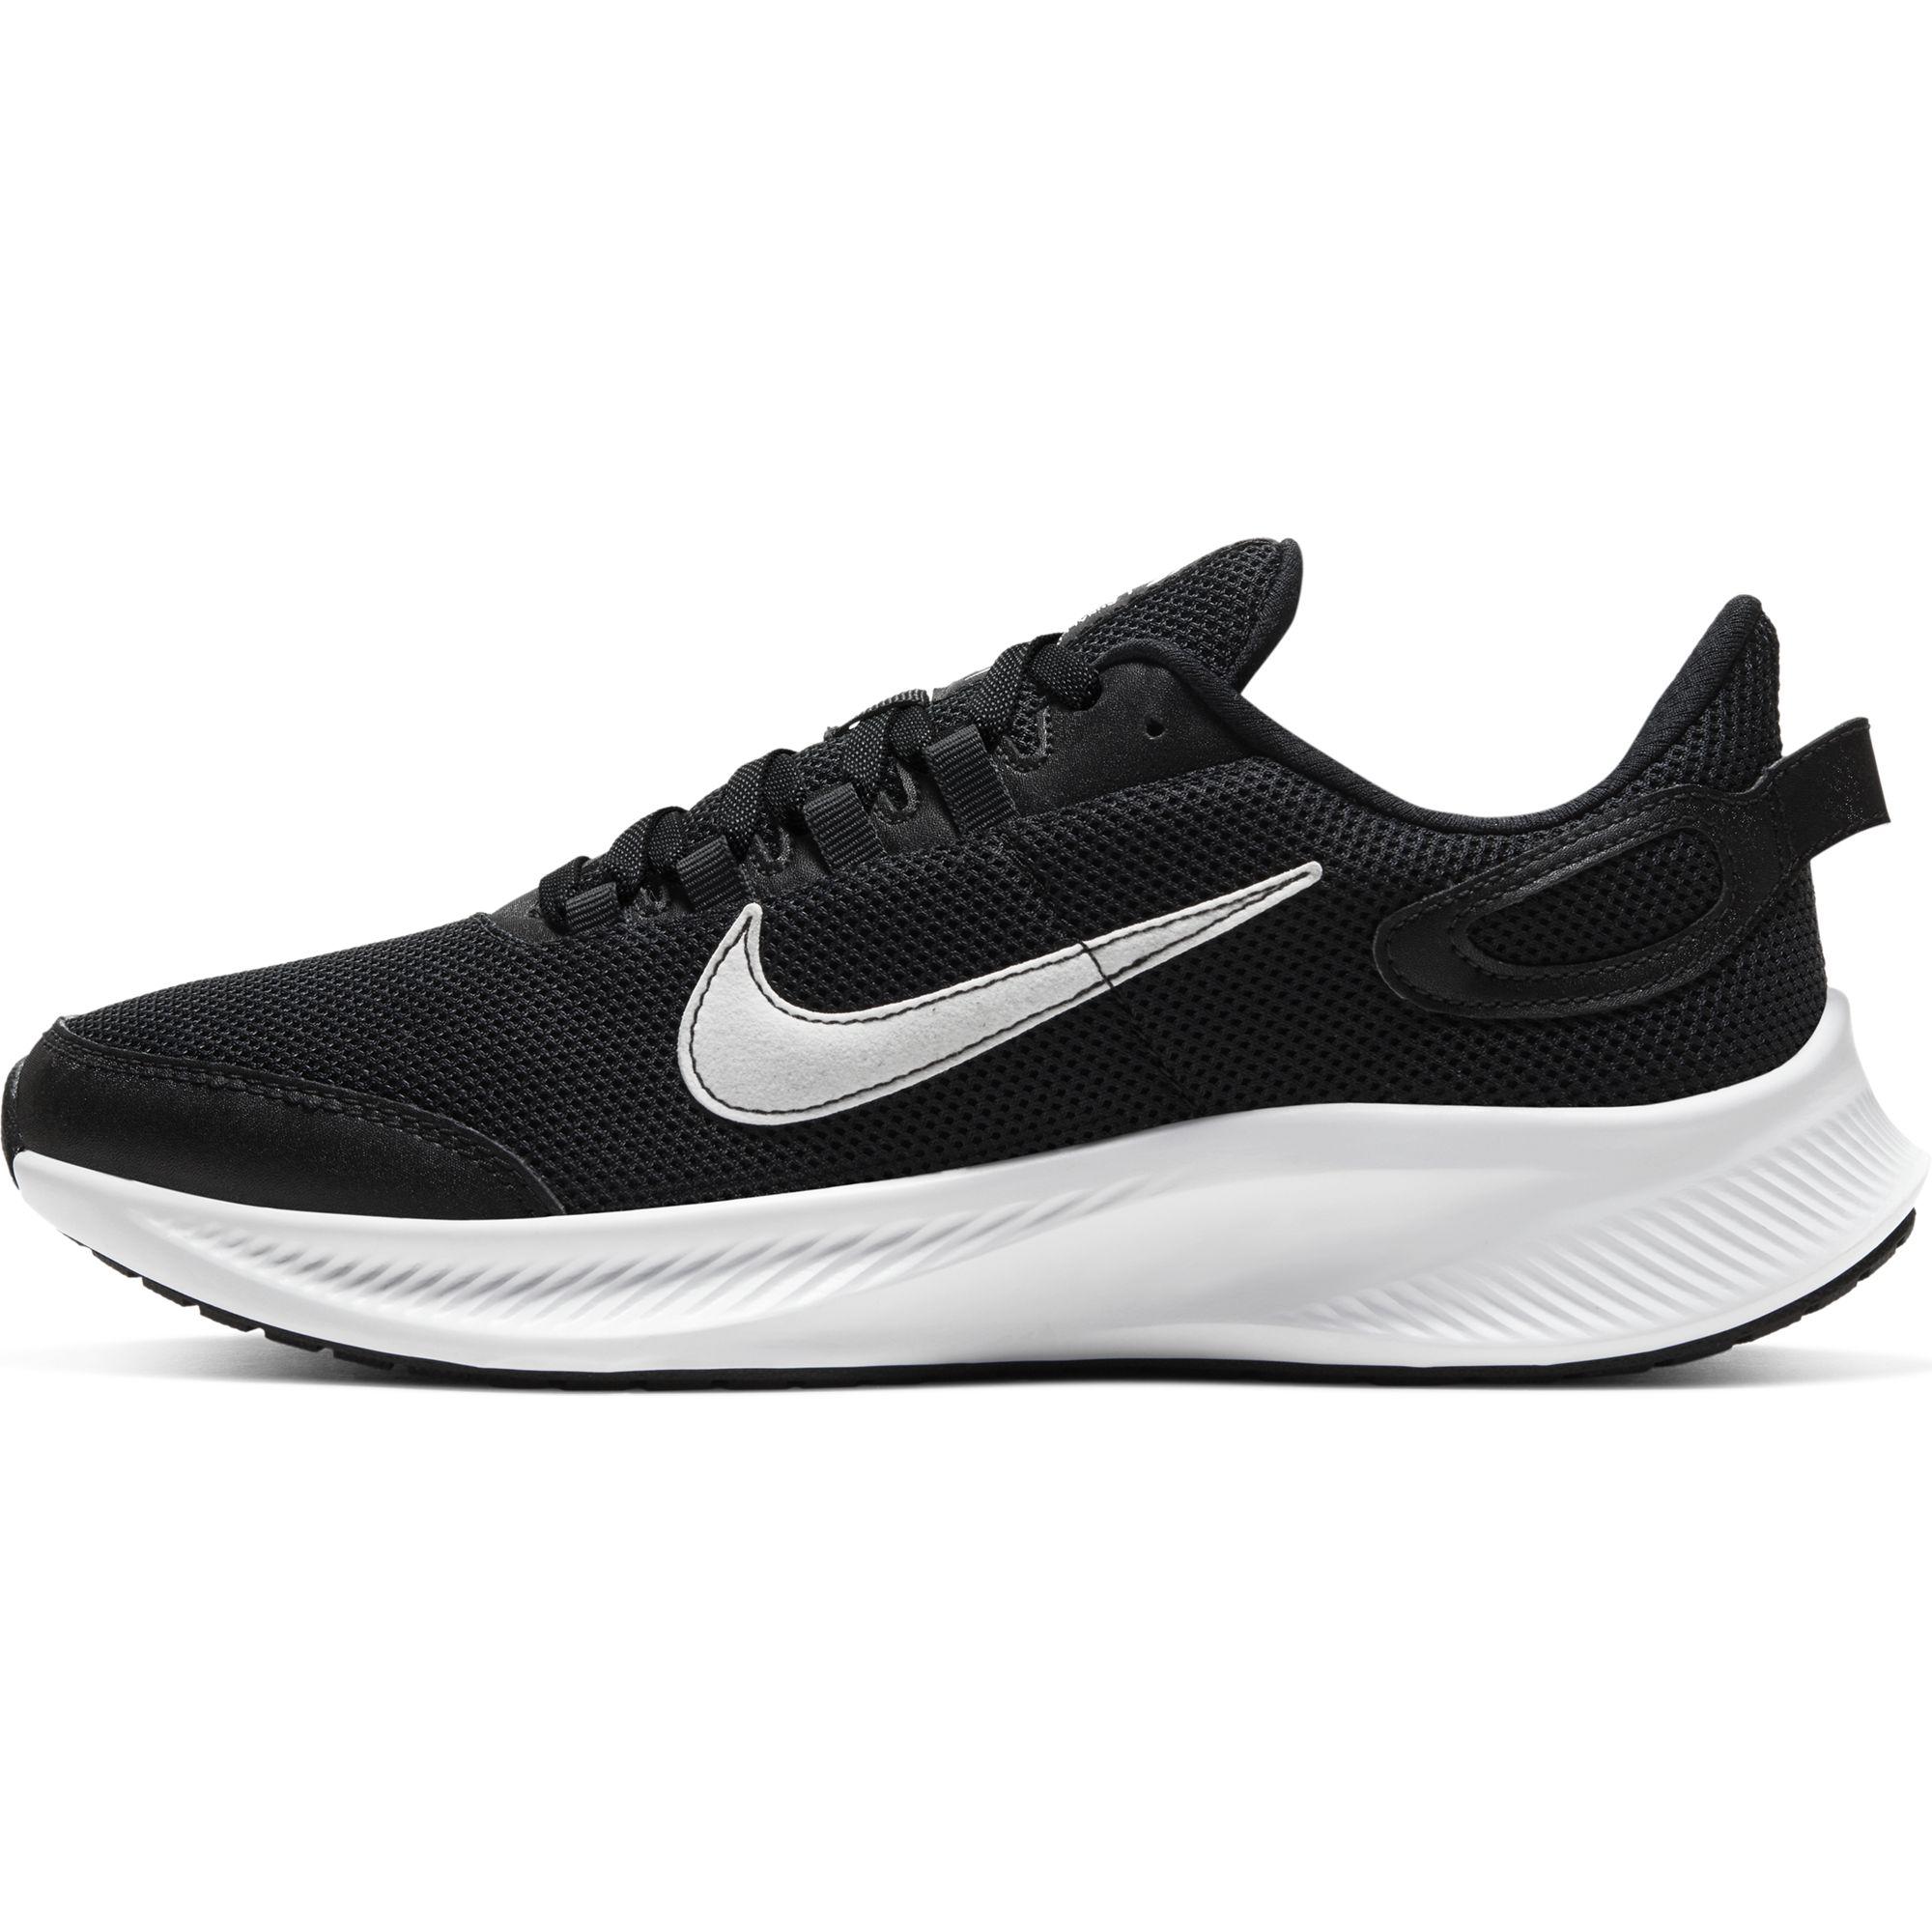 Nike Run All Day 2 Running Shoe - Women